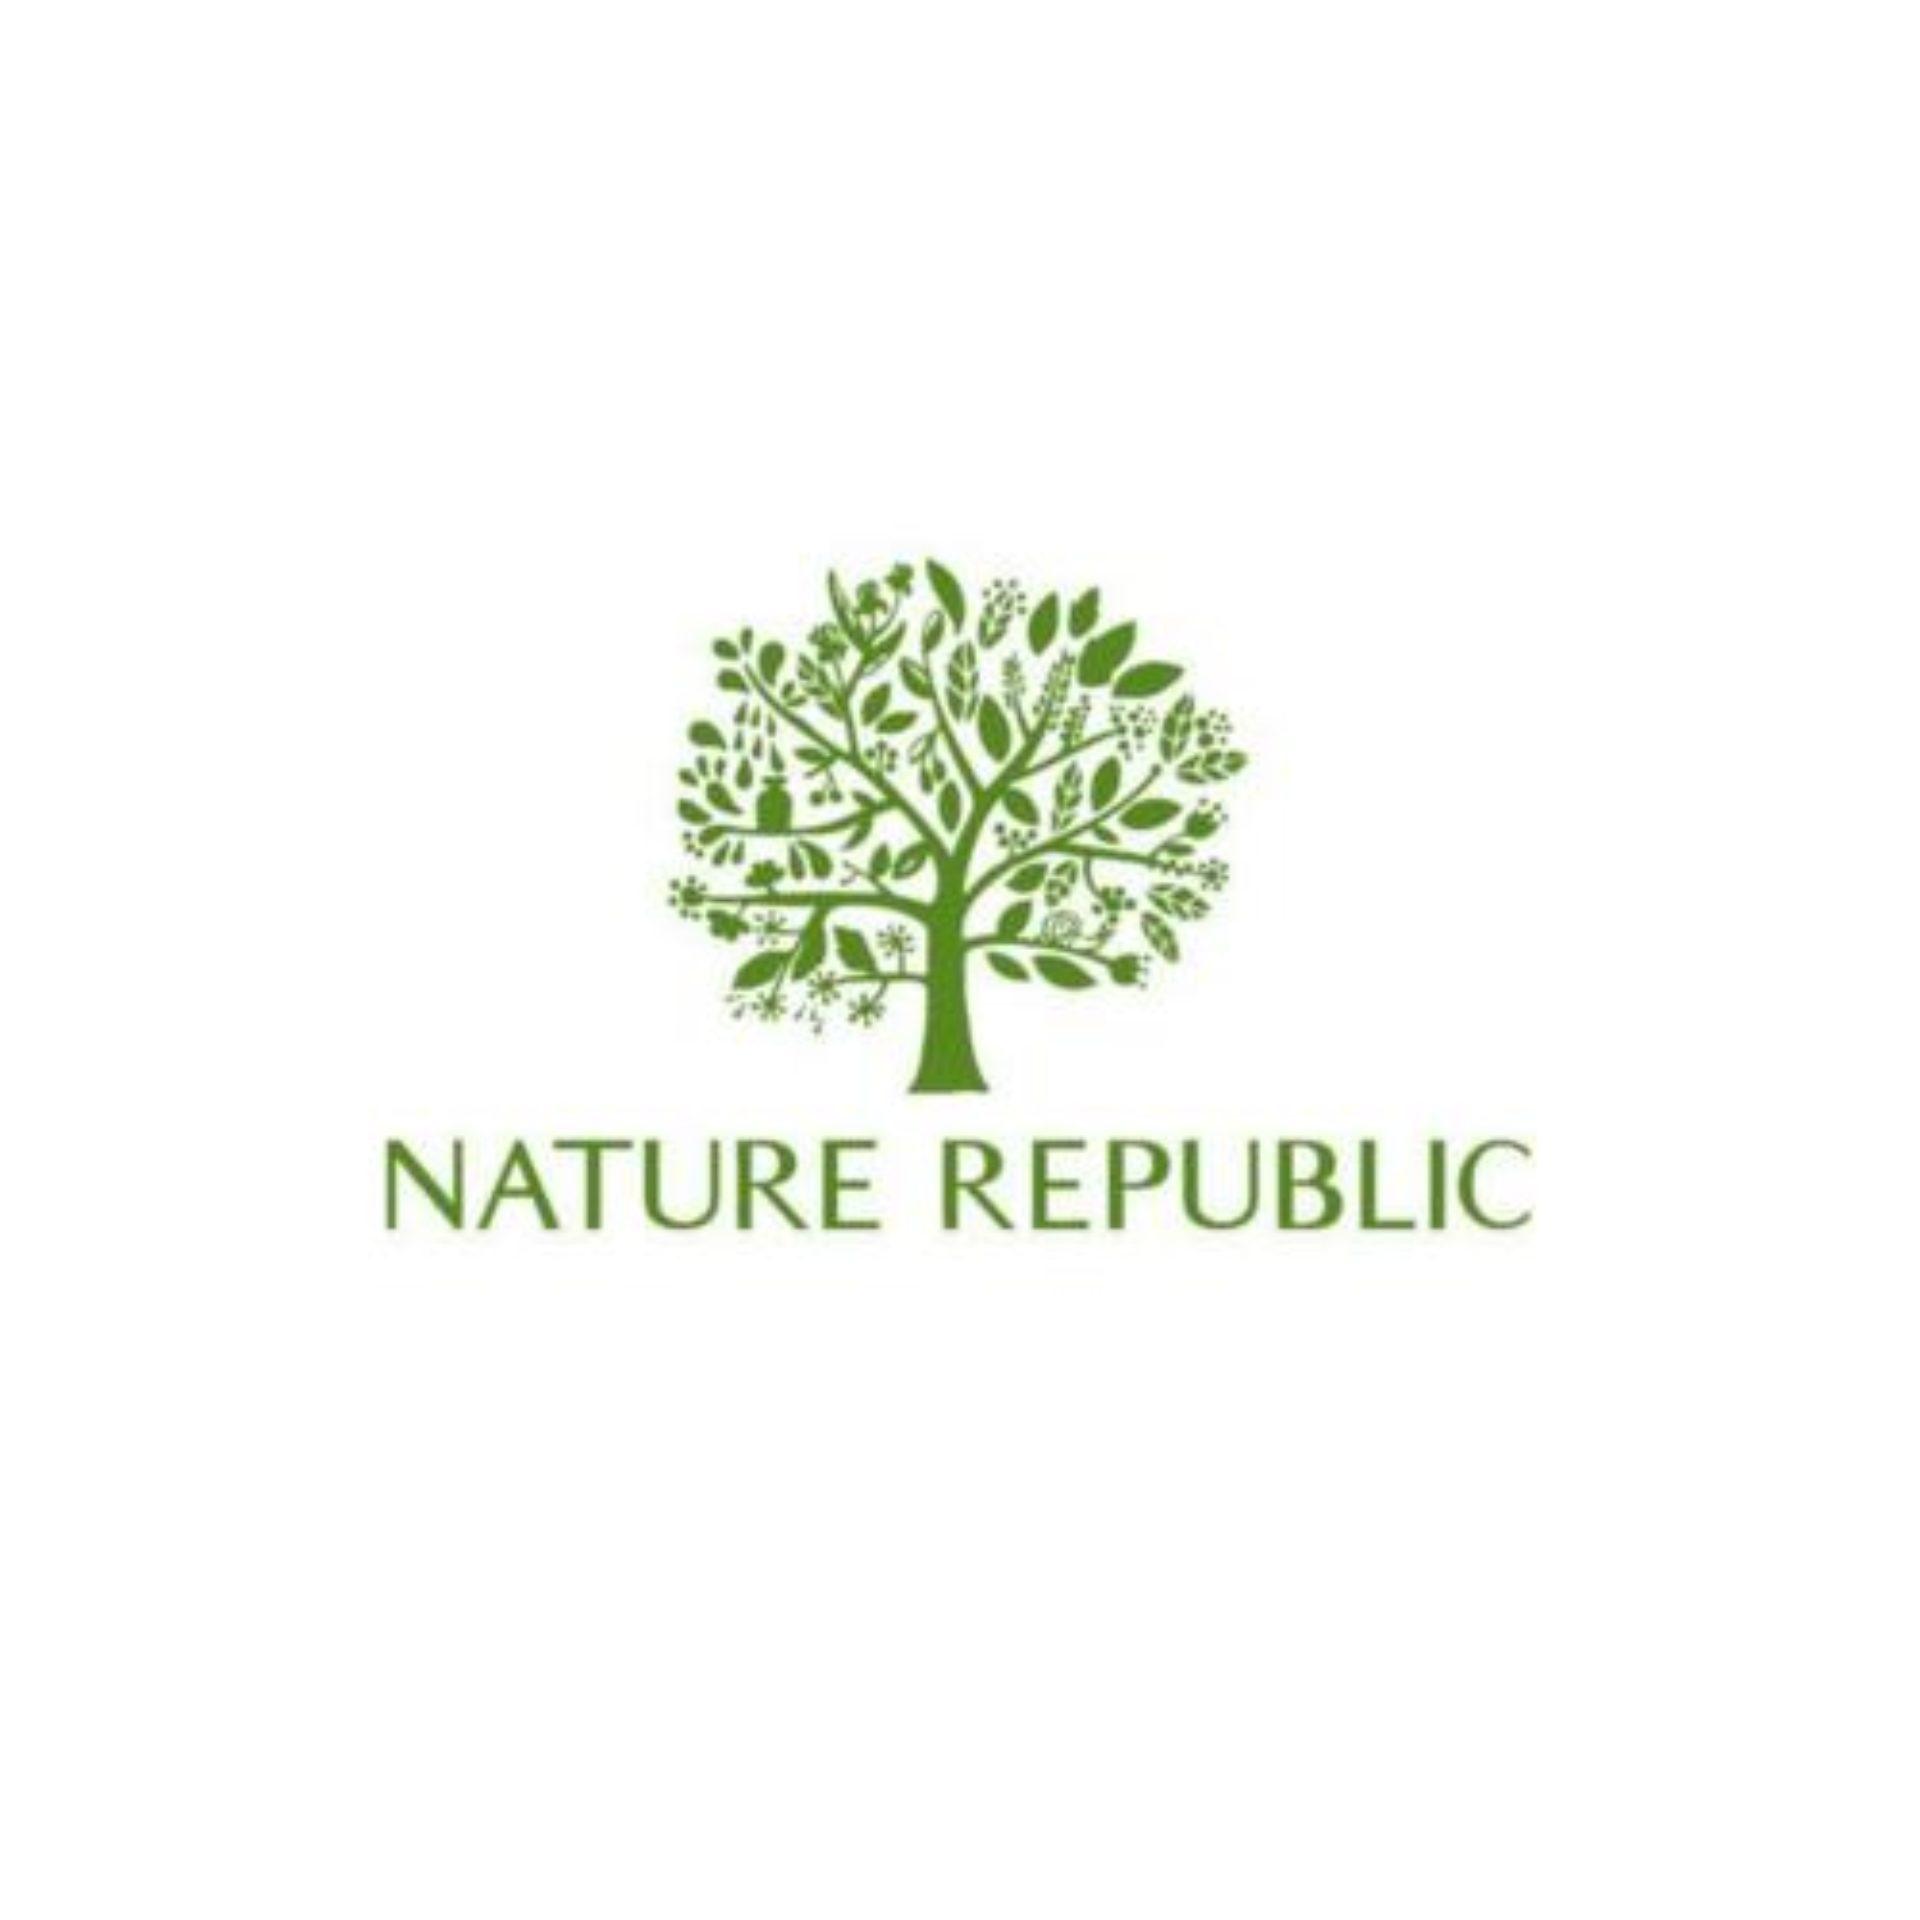 nature_republic